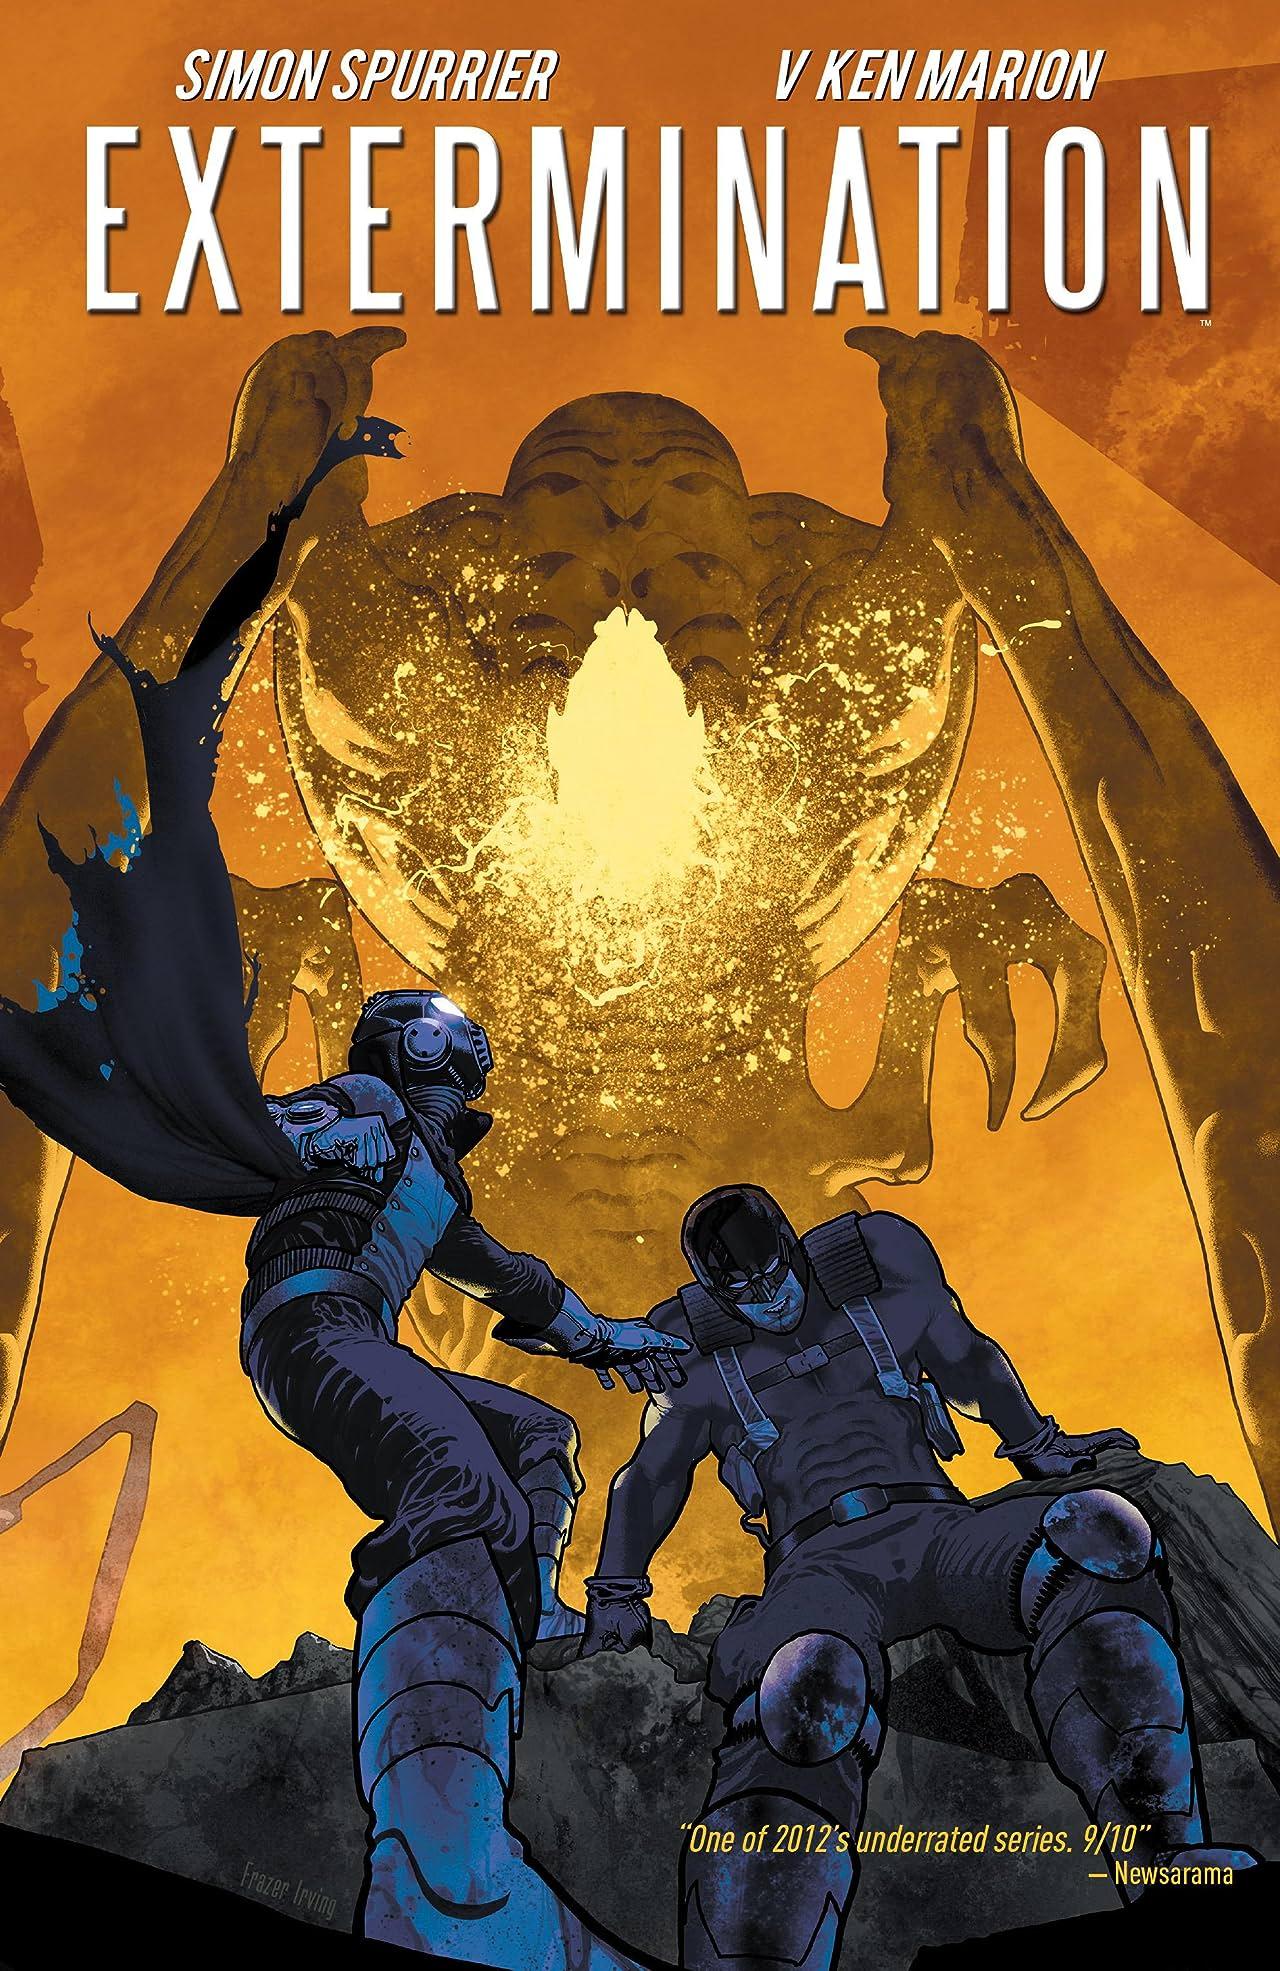 Extermination Vol. 2 Vol. 2